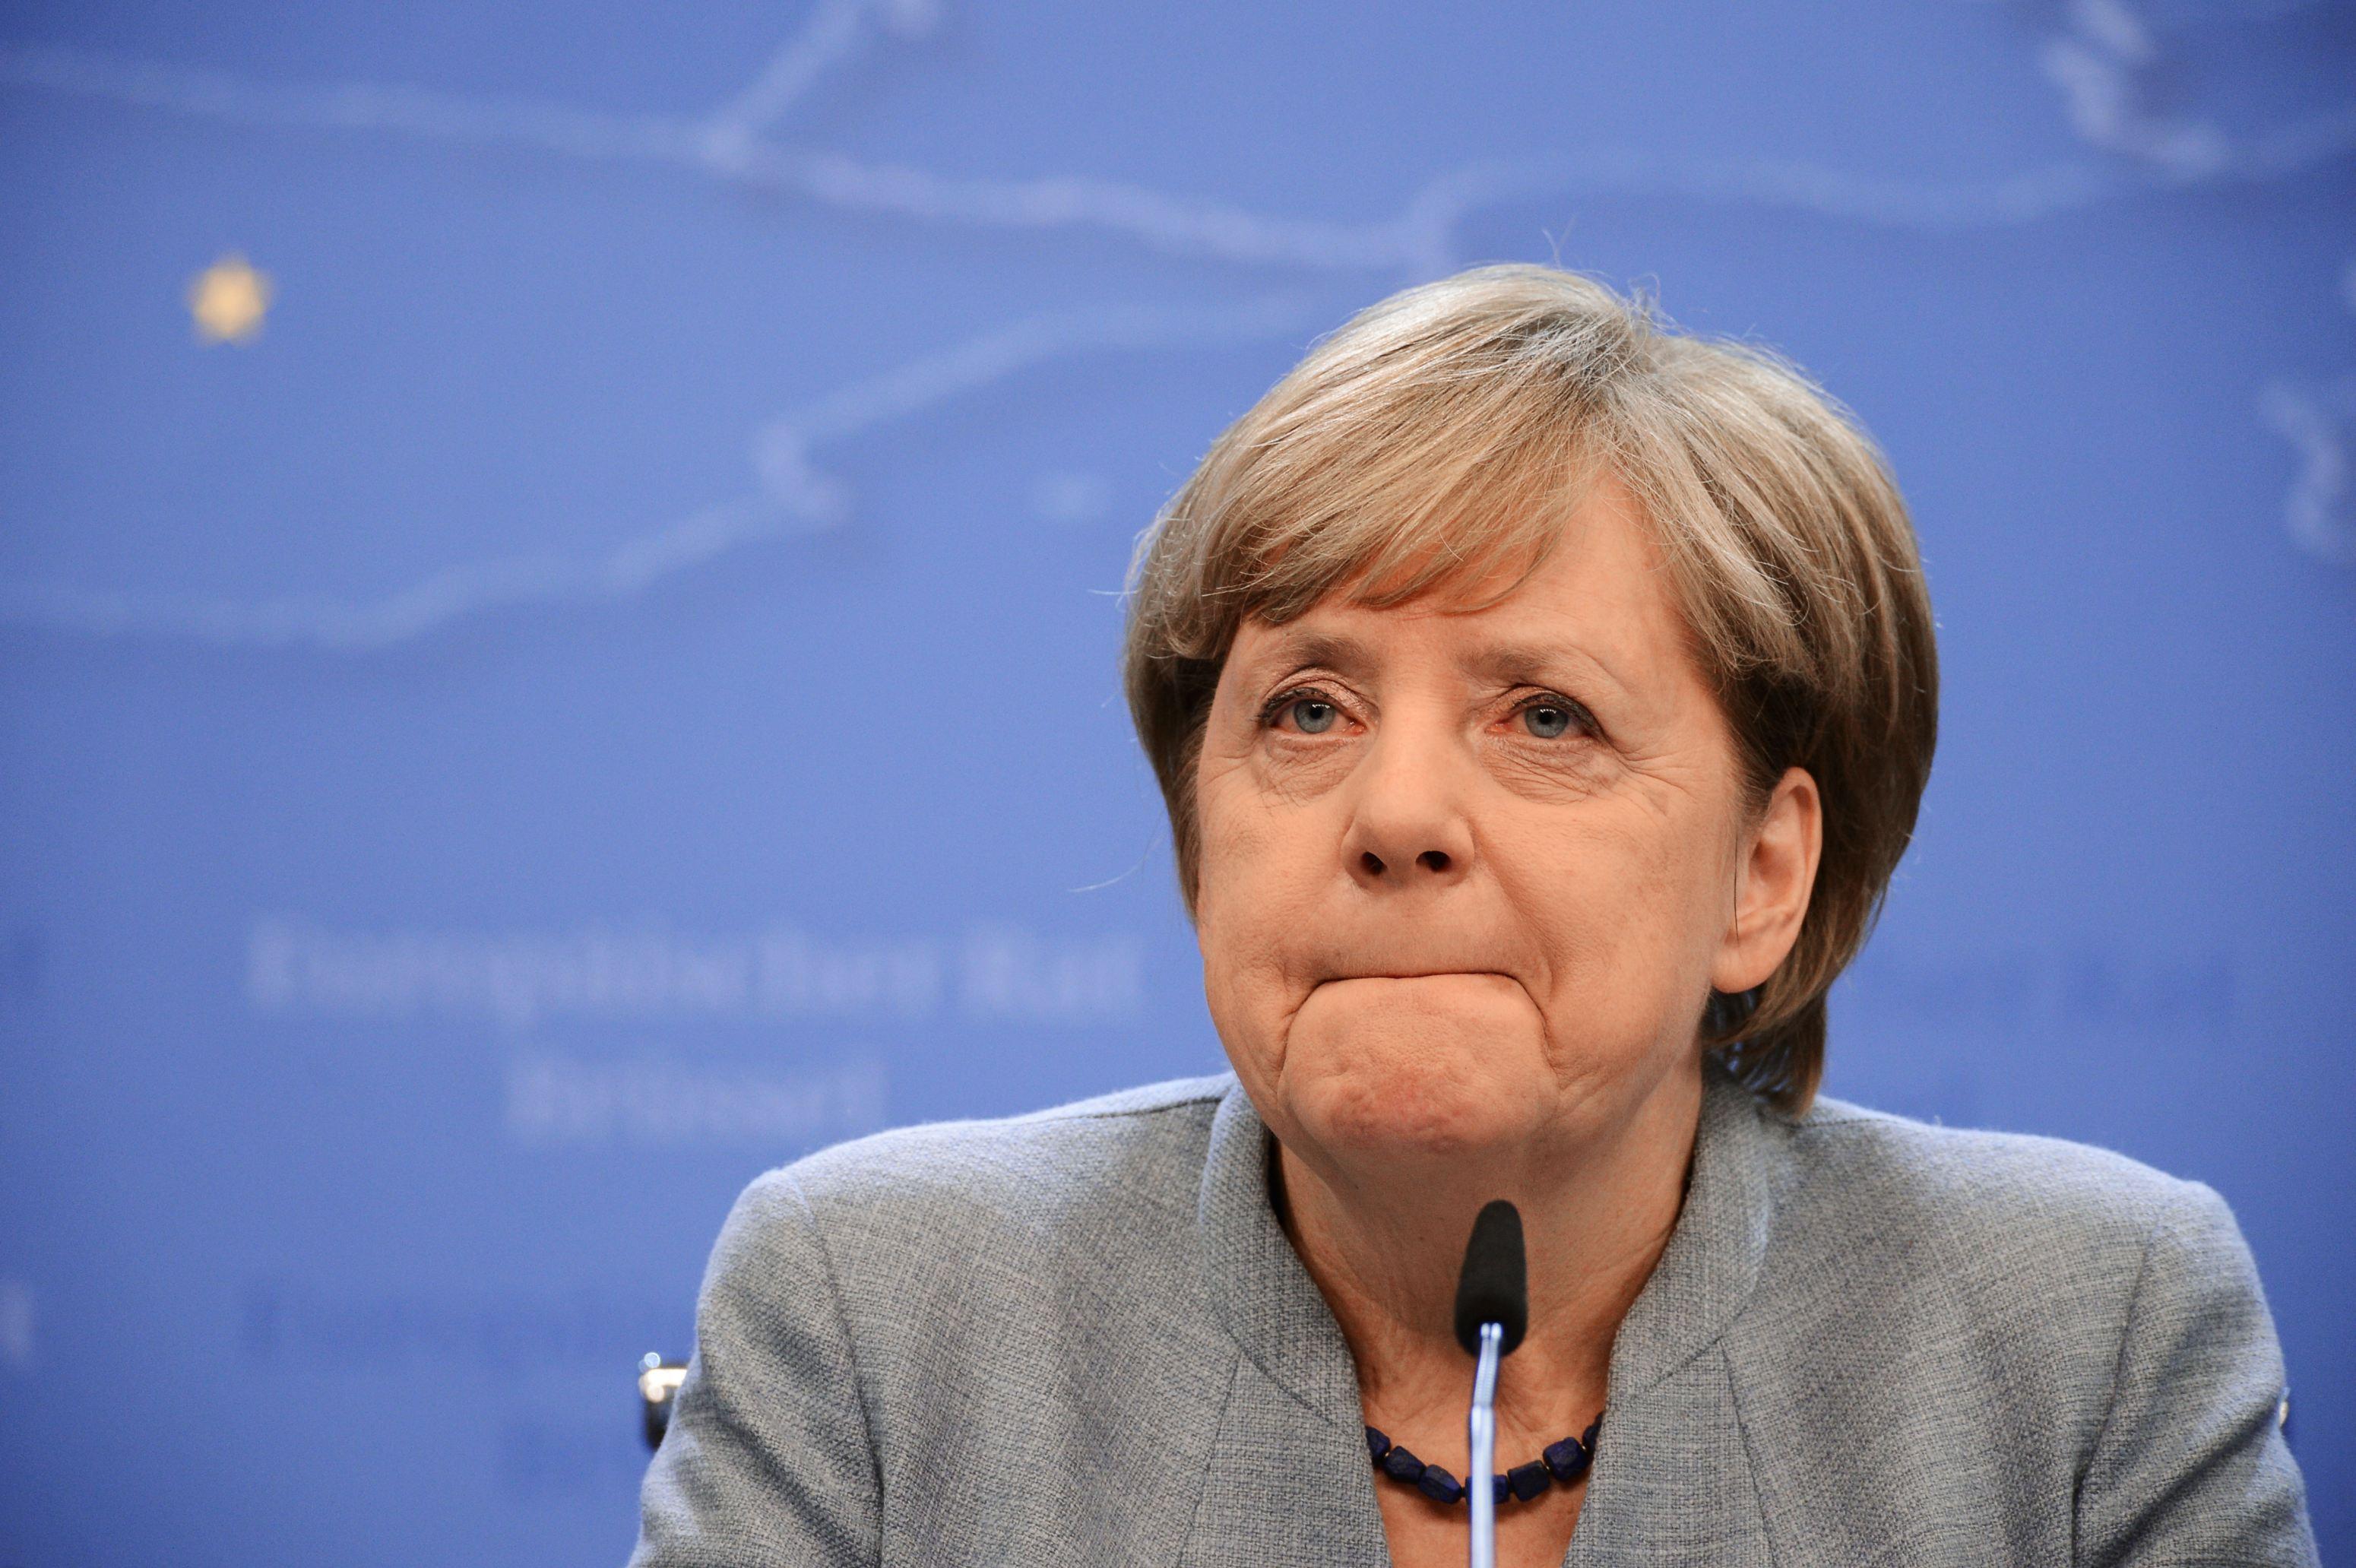 CRIZA din Germania: Social-democraţii germani se declară deschişi să poarte discuţii pentru a intra la guvernare